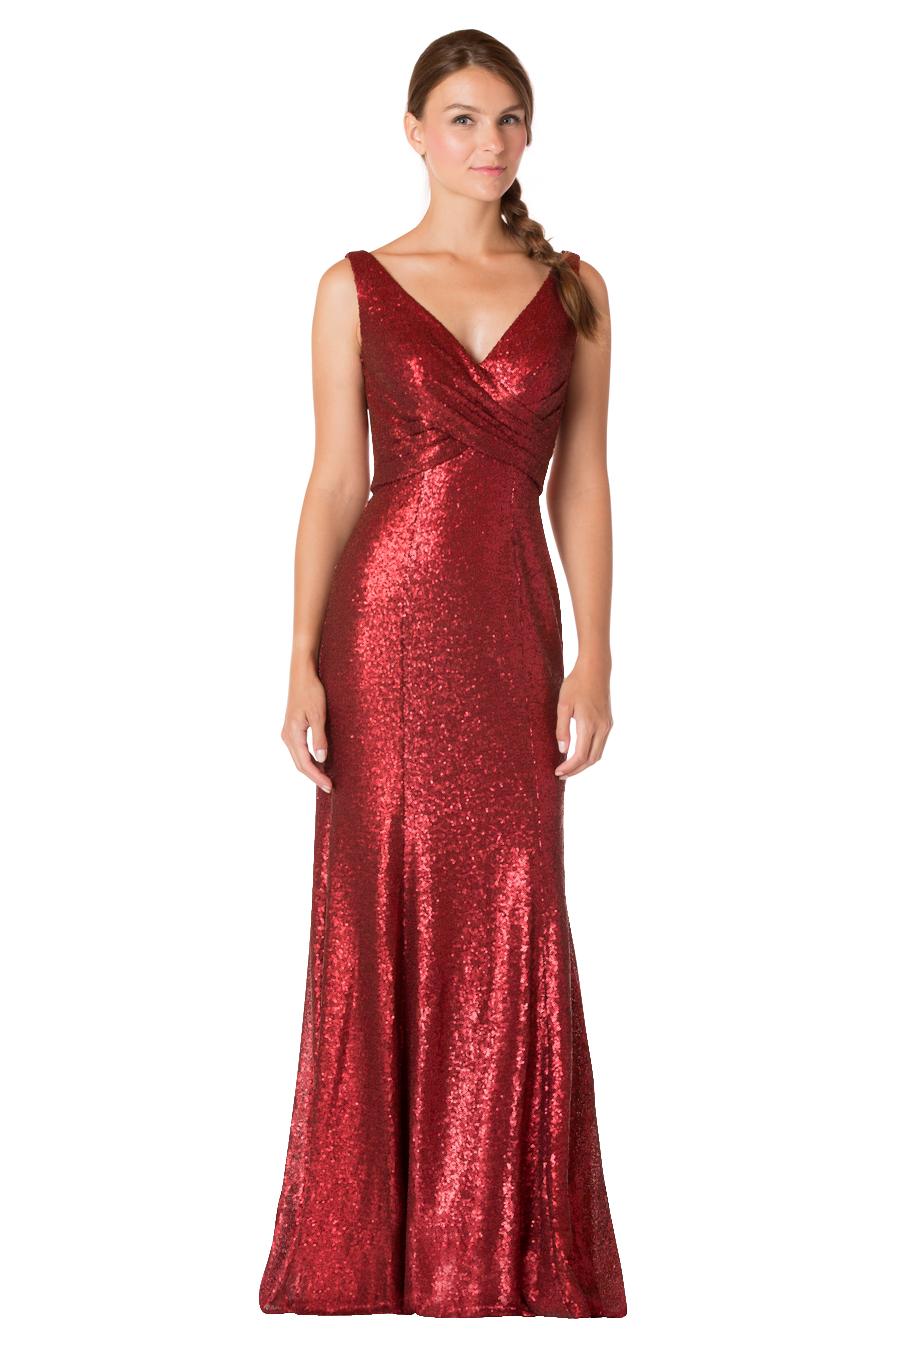 Bari Jay 1729 - Couture Bridal